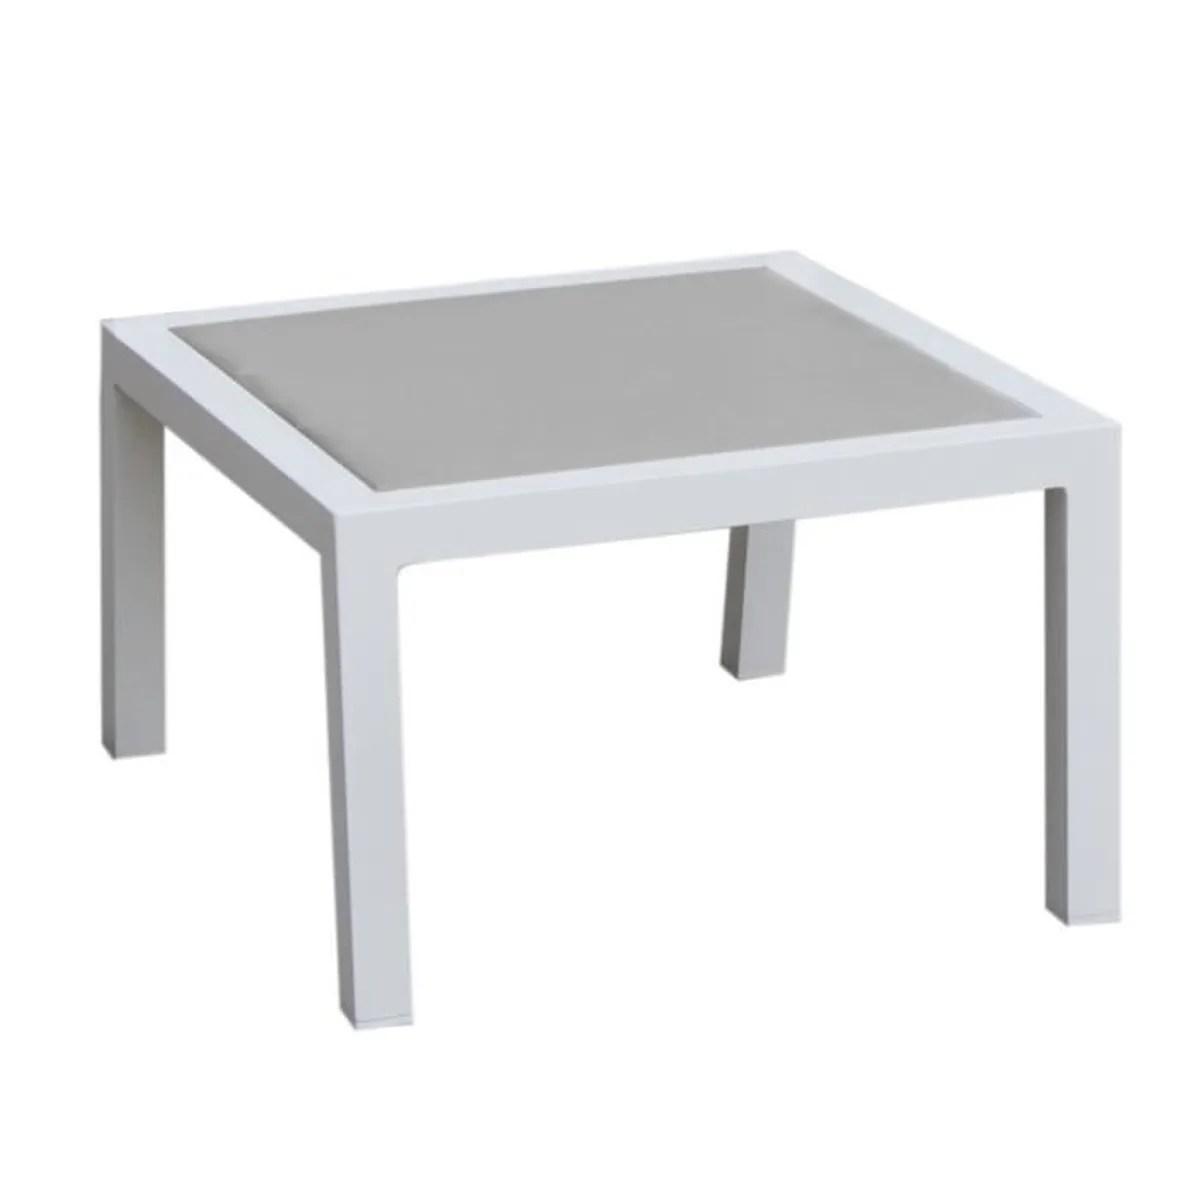 Table Basse Terrasse Jardin | Ikea Table Pliante Jardin Merveilleux ...